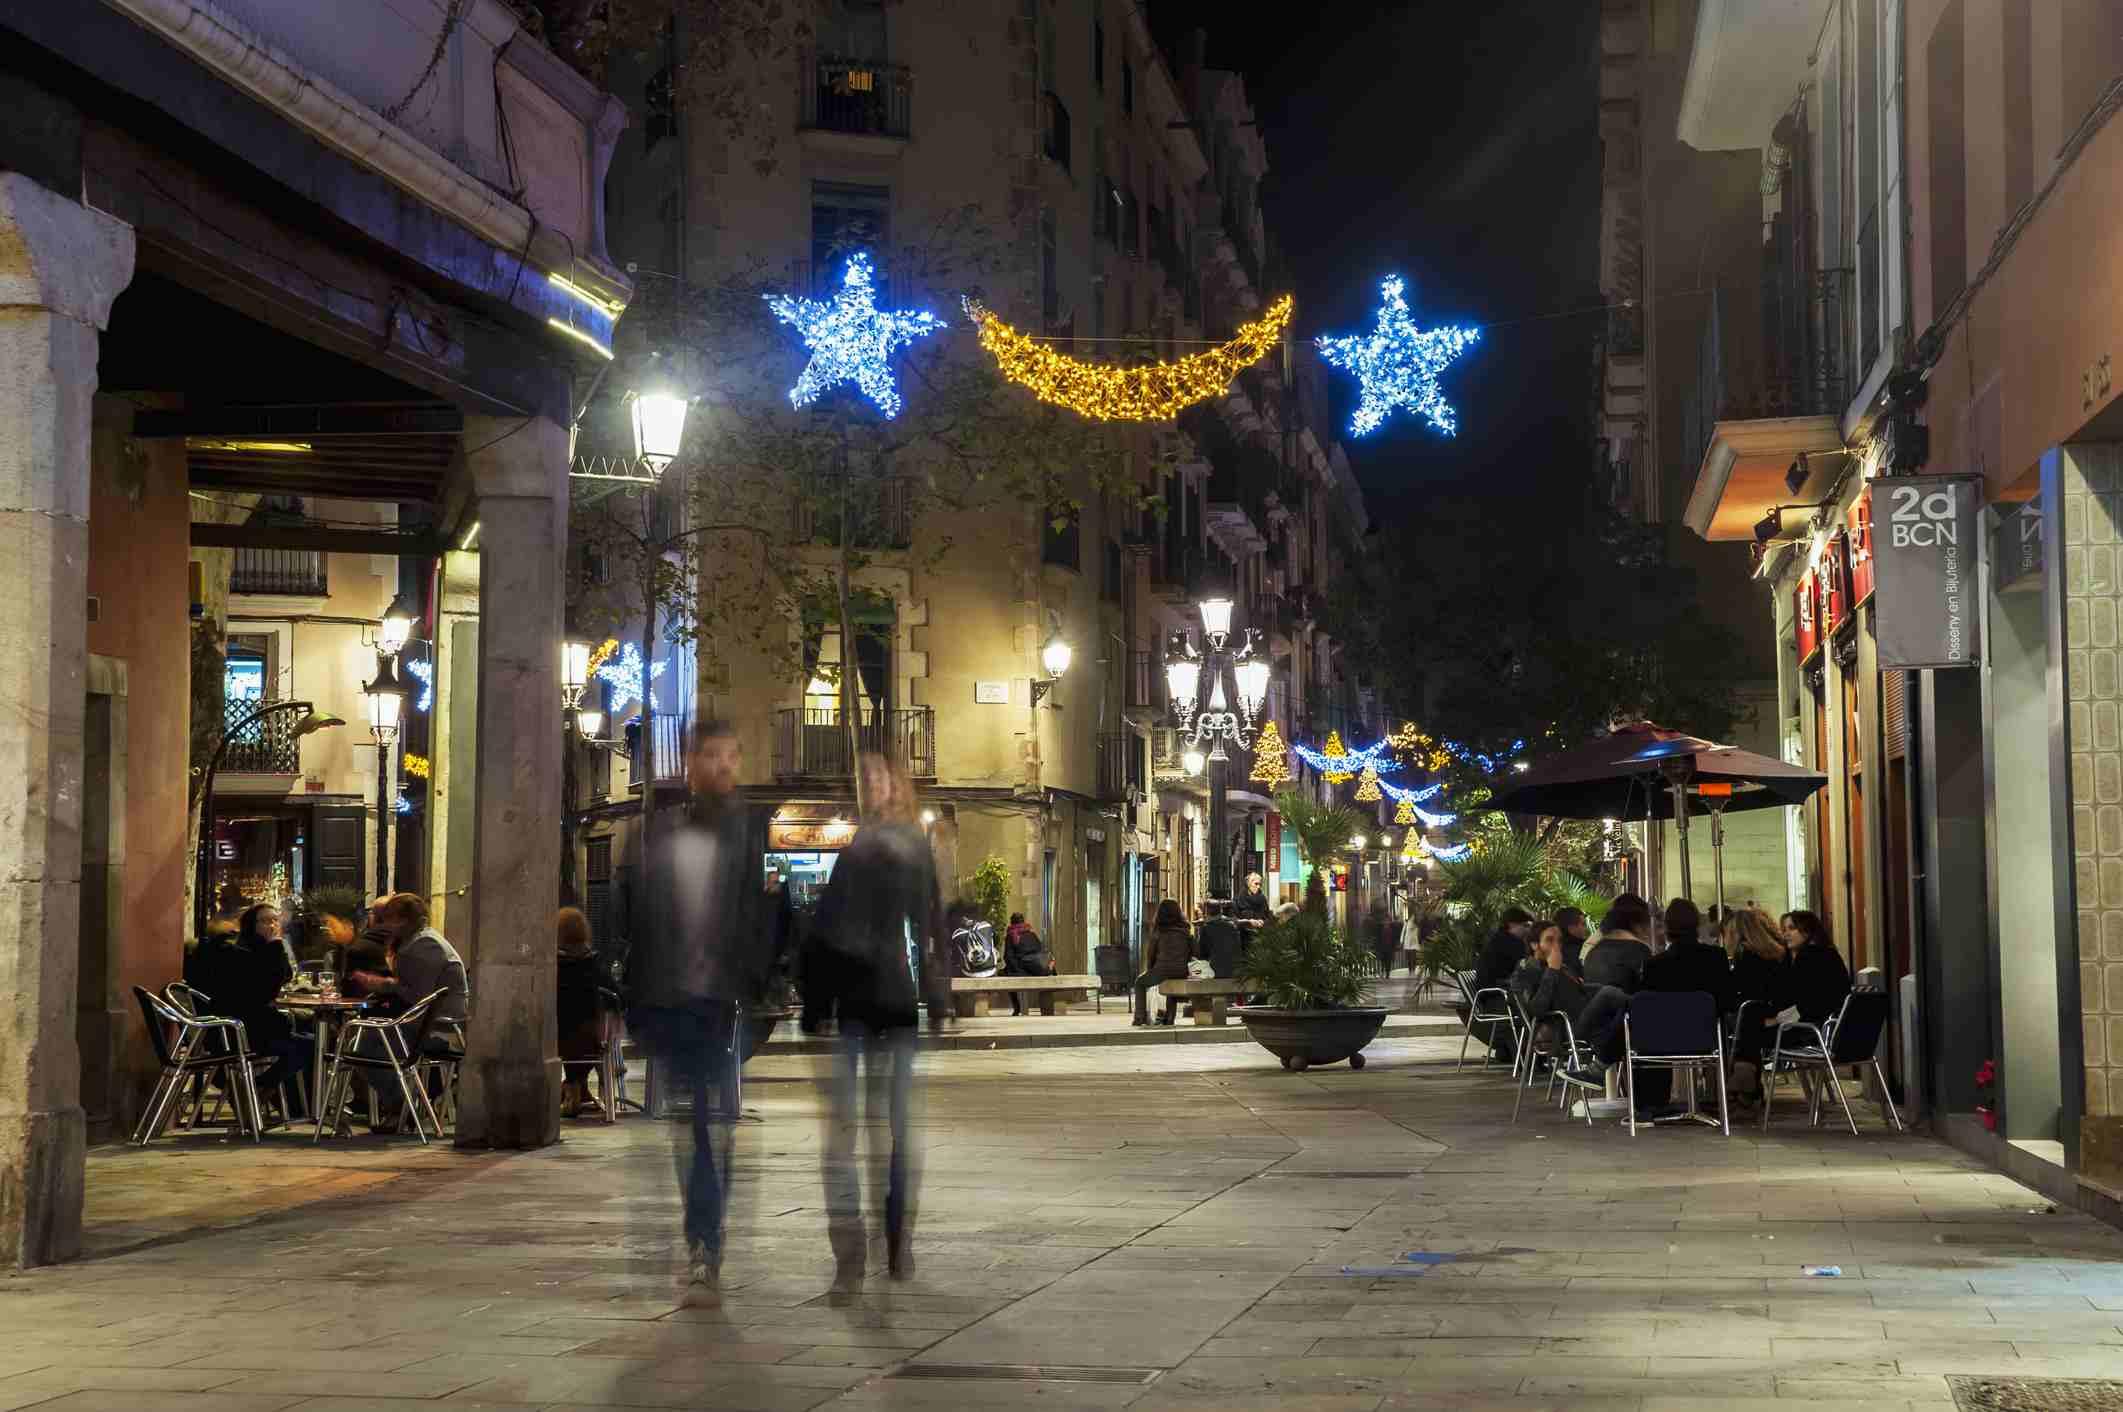 Where to Go in December in Spain